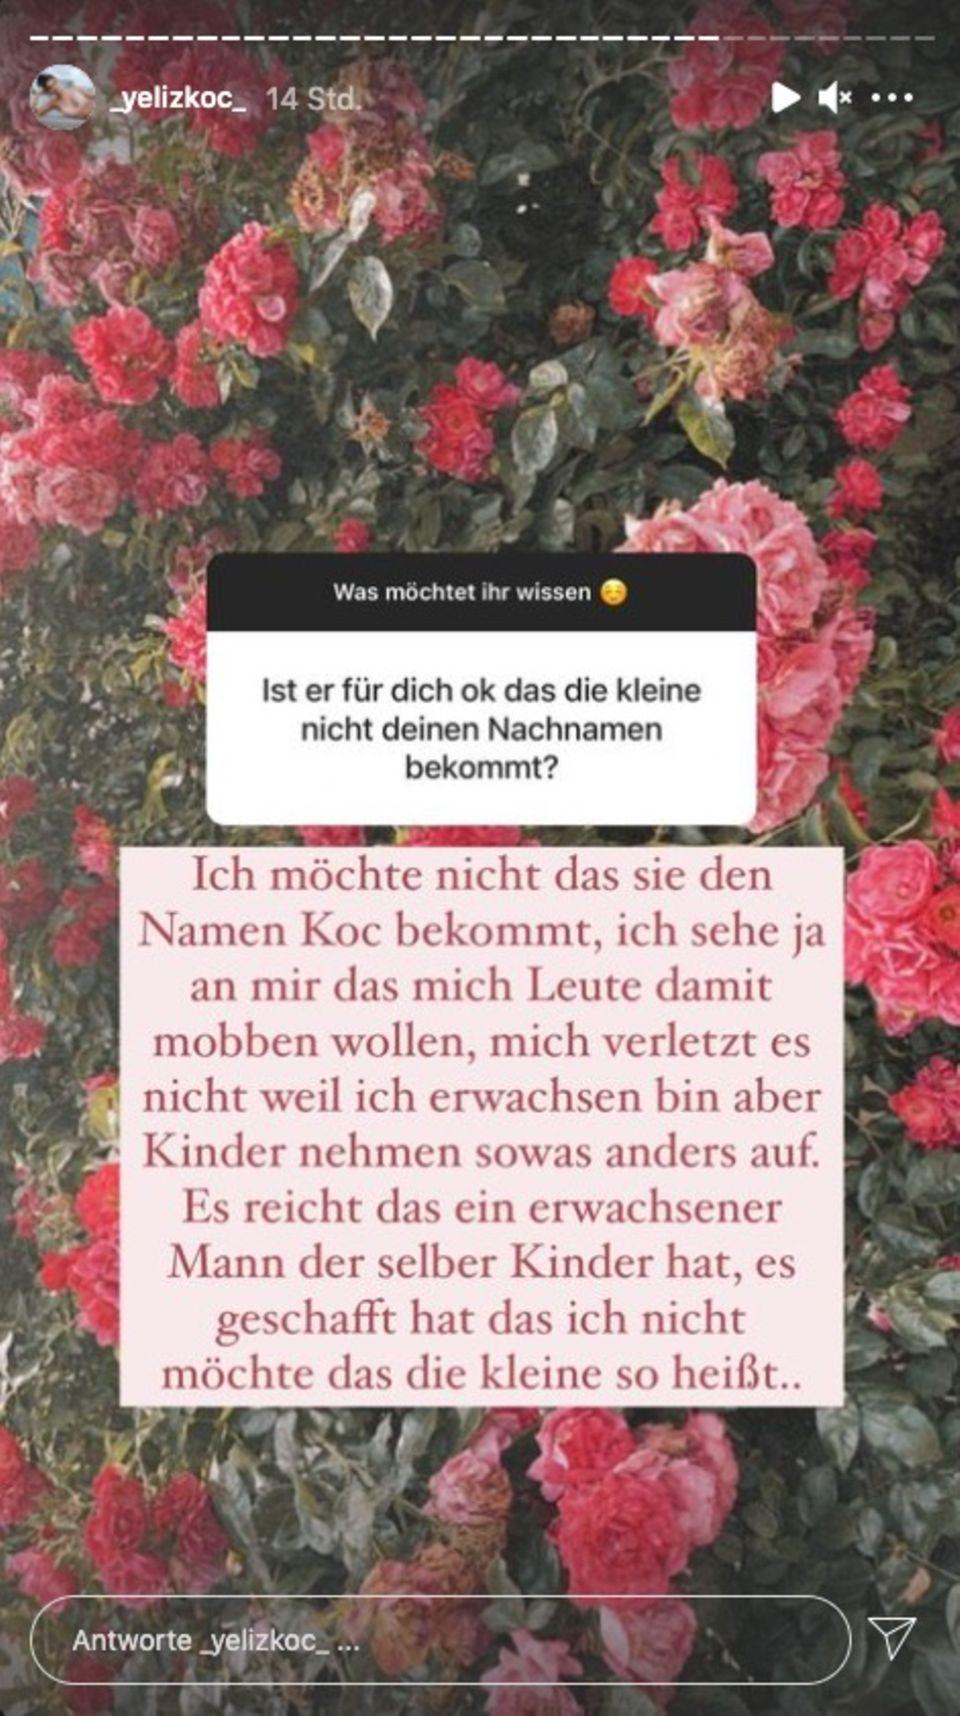 """Yeliz Koc verrät, warum ihre Tochter nicht den Nachnamen """"Koc"""" tragen wird."""